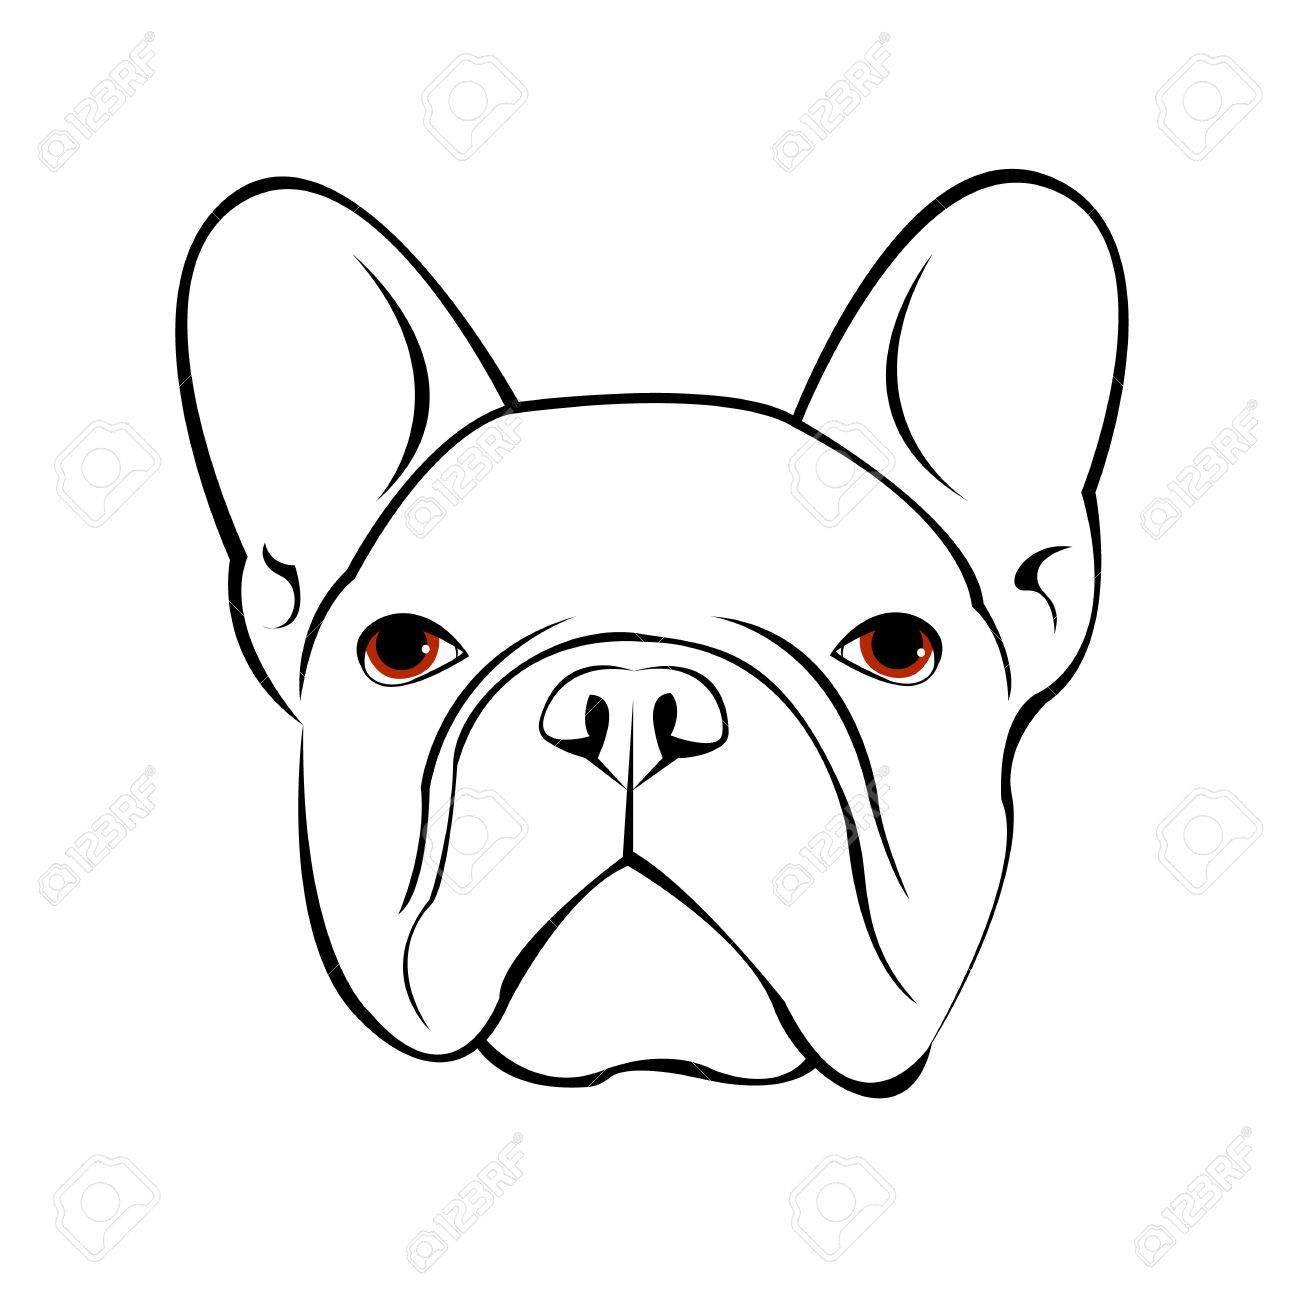 Bulldog Chien Animal Francais Vecteur Illustration Animal Familier Race Mignon Dessin Chiot Clip Art Libres De Droits Vecteurs Et Illustration Image 75361952